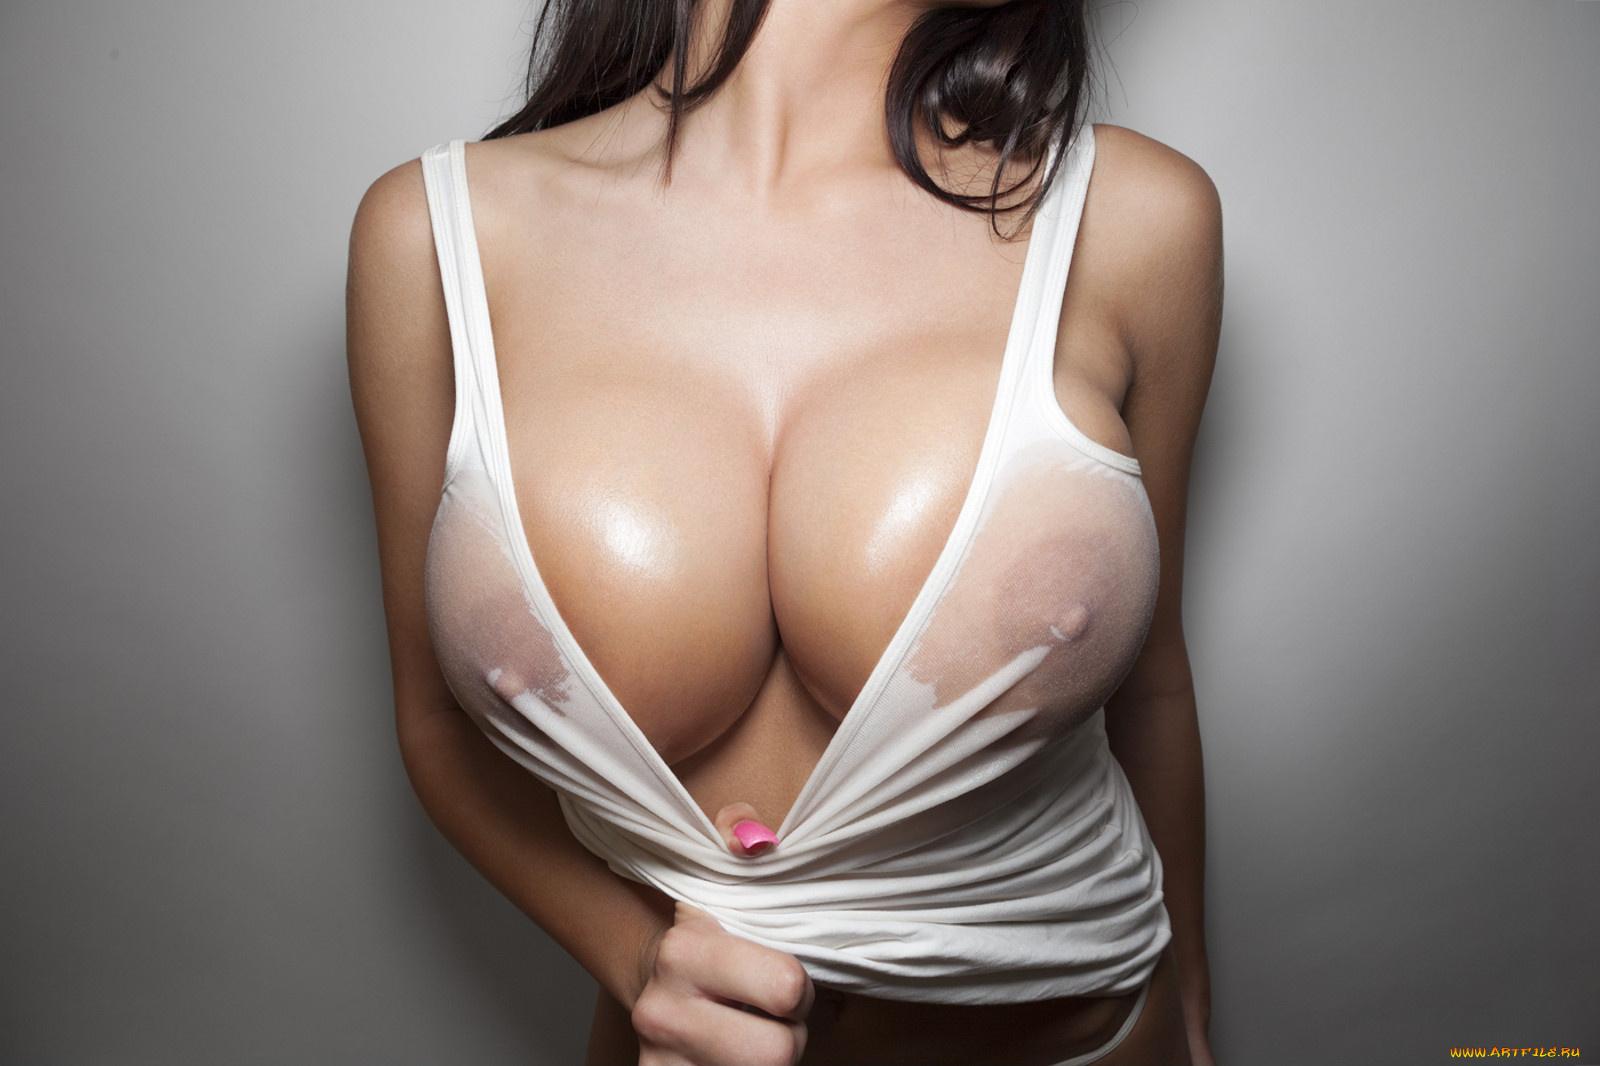 Porno style open breast girl scene